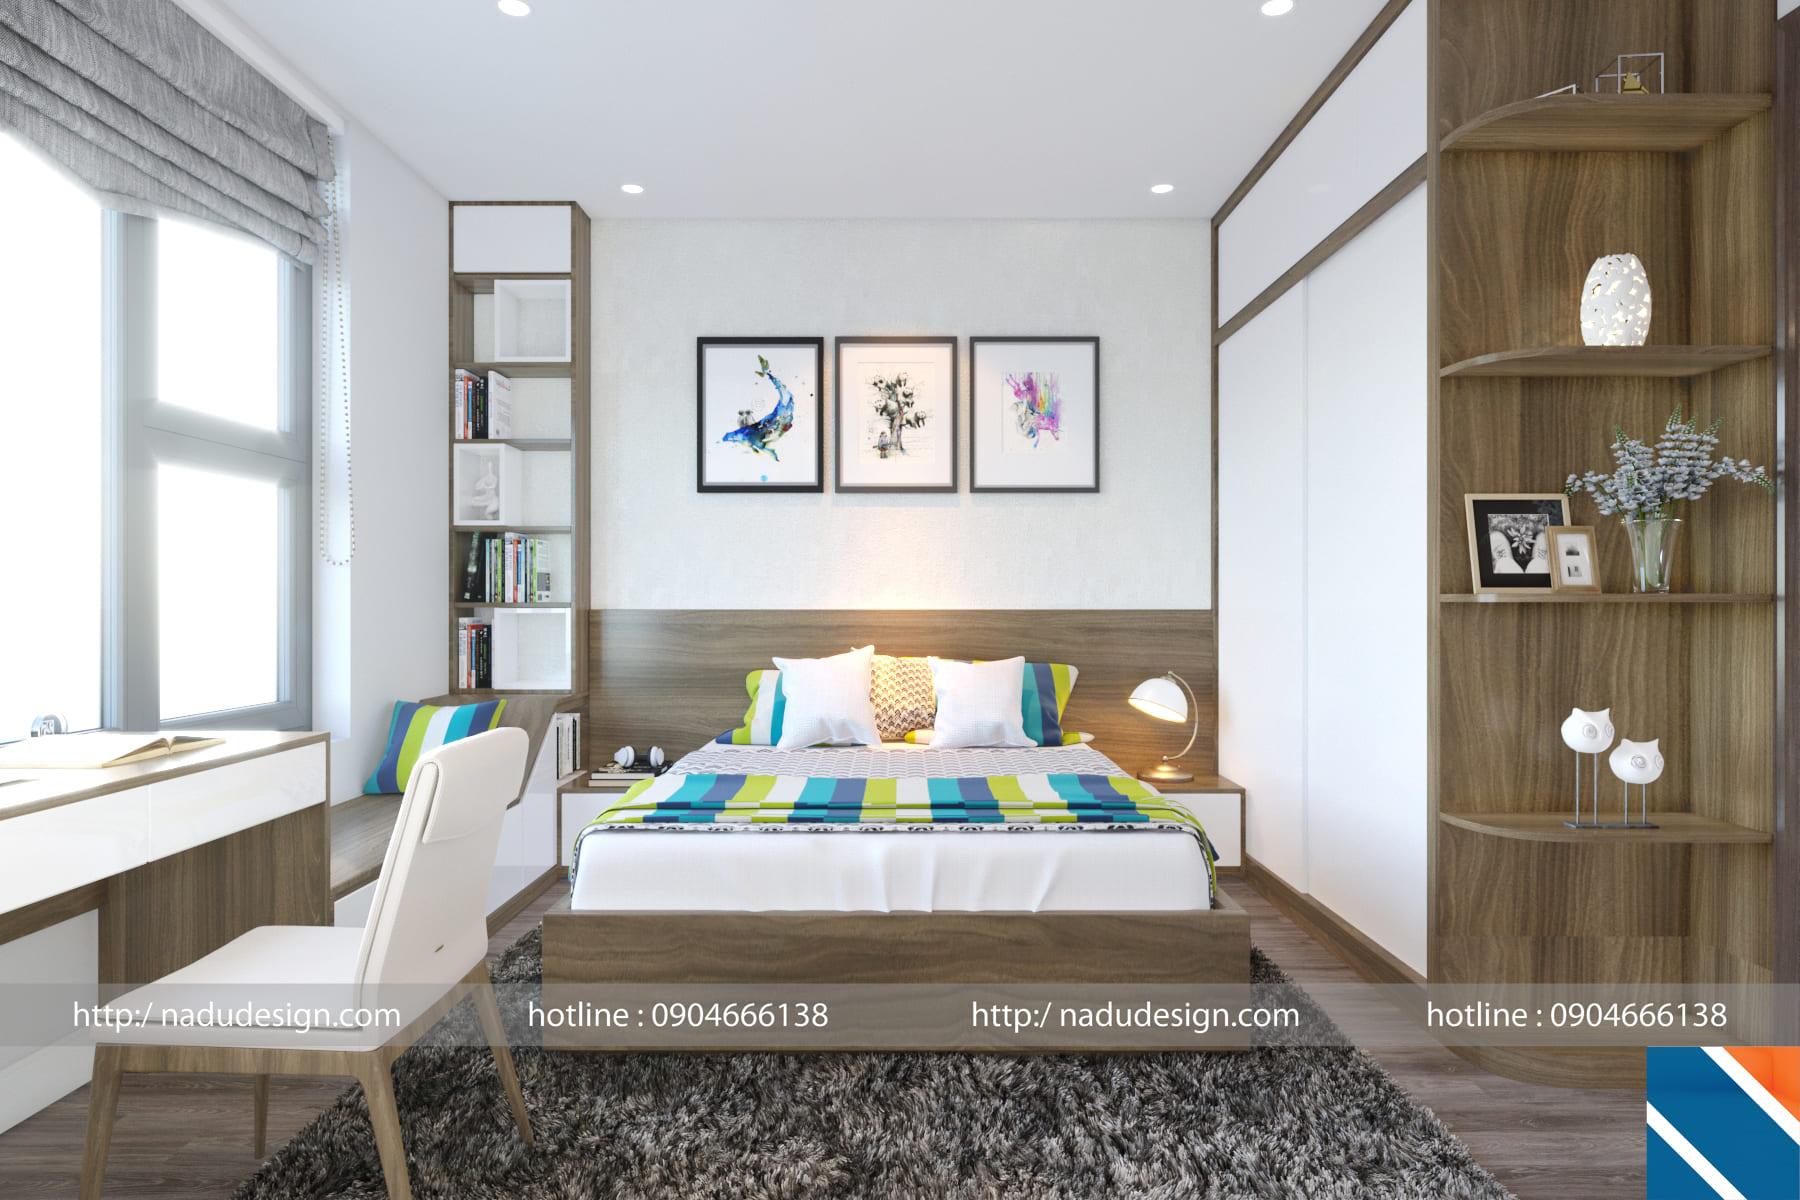 Mẫu thiết kế nội thất phòng ngủ 12m vuông đẹp đơn giản